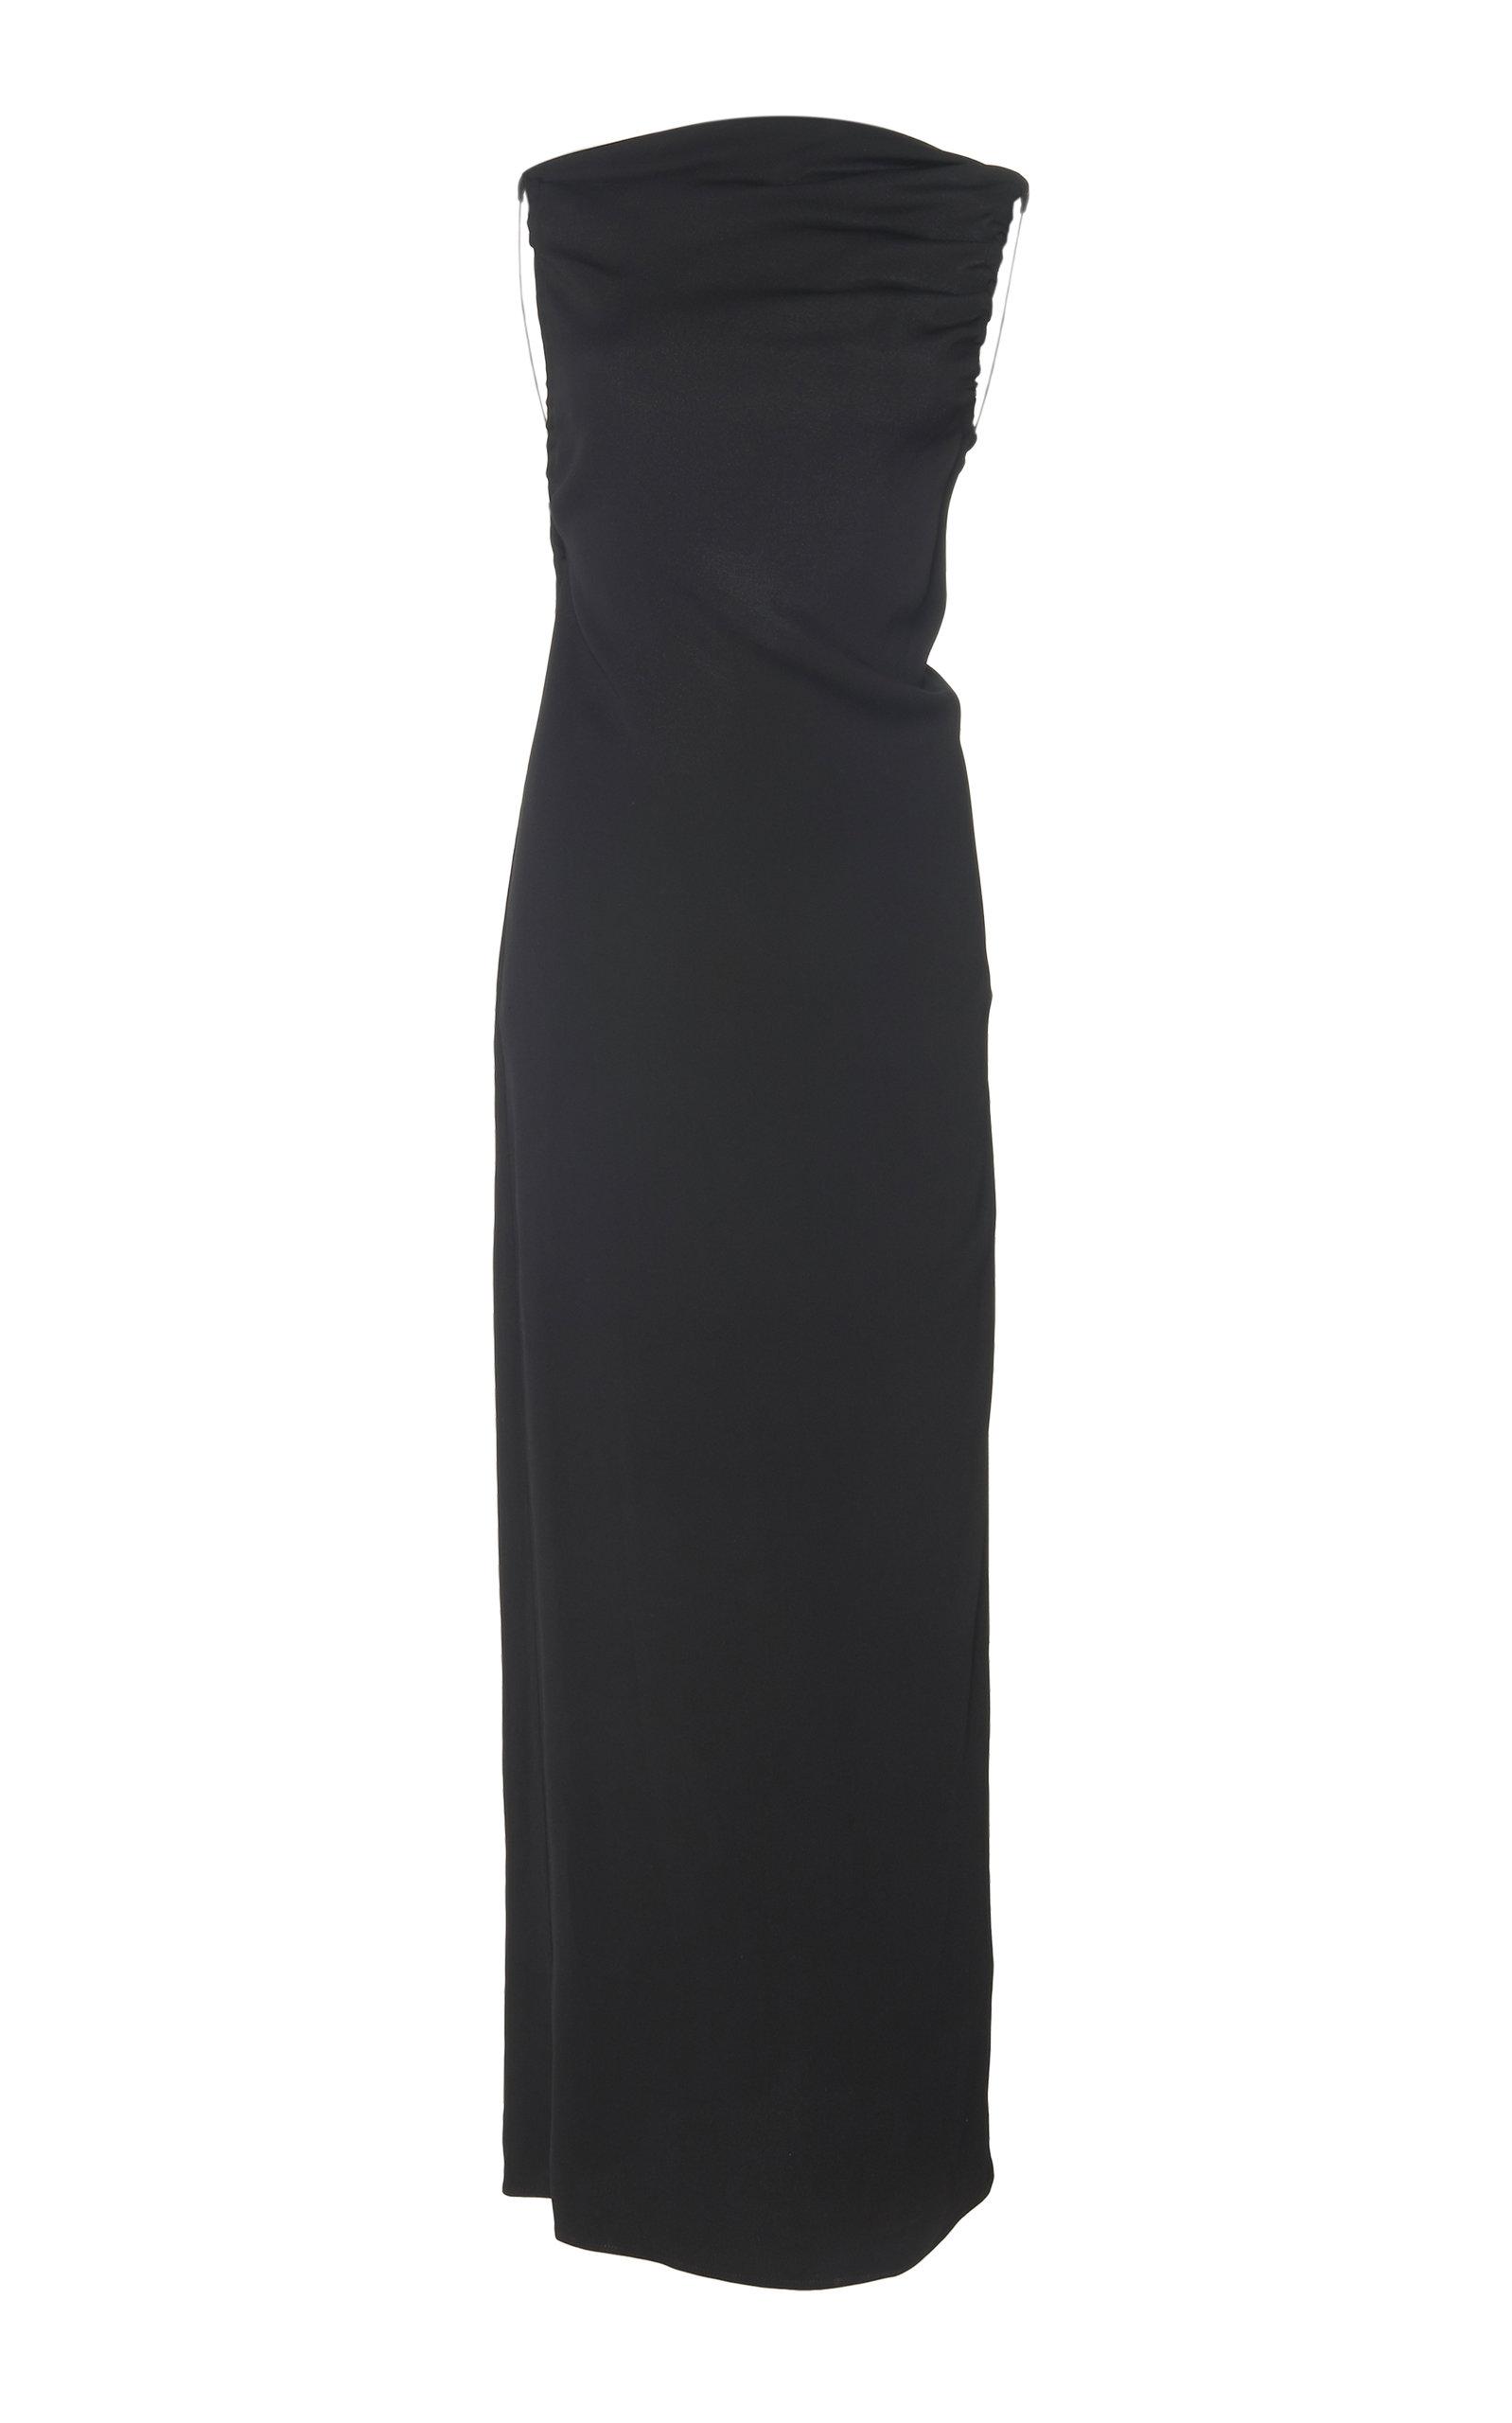 a18cc69bfba1 Yrjo Backless Tie-Detail Crepe Dress by Christopher Esber | Moda ...